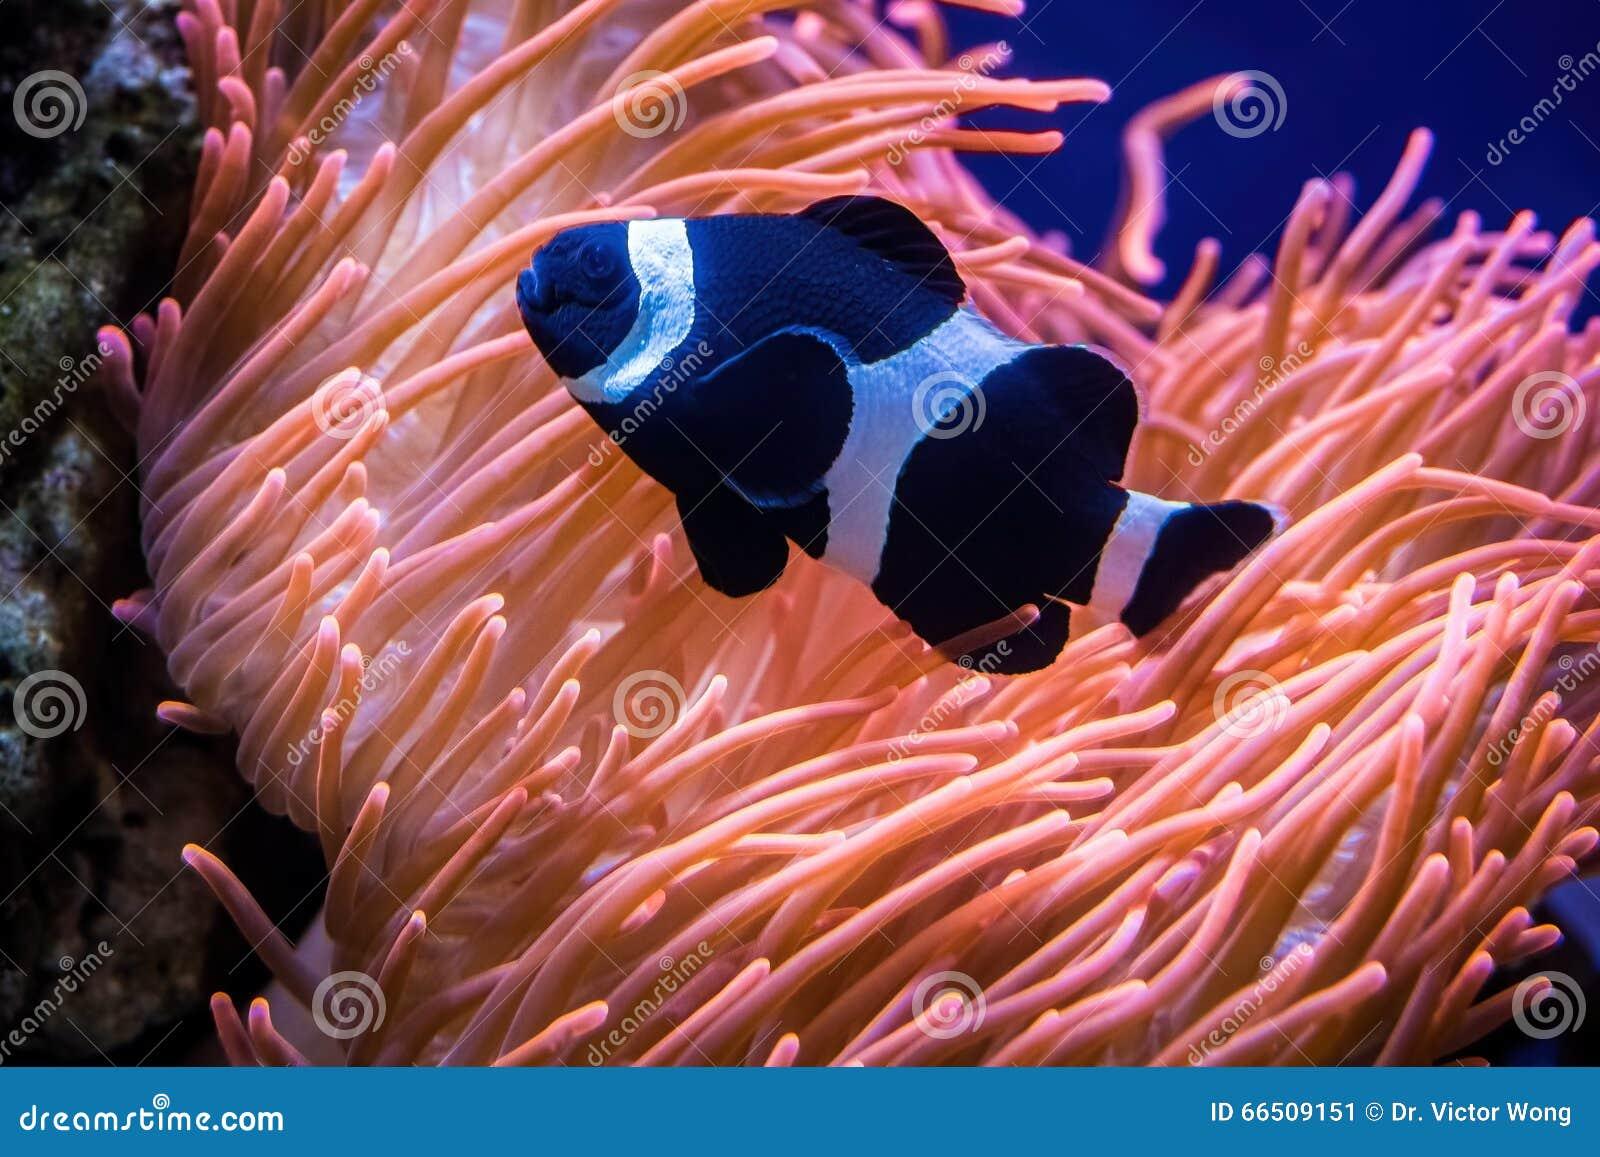 Pesce nero del pagliaccio foto stock iscriviti gratis for Immagini pesce pagliaccio